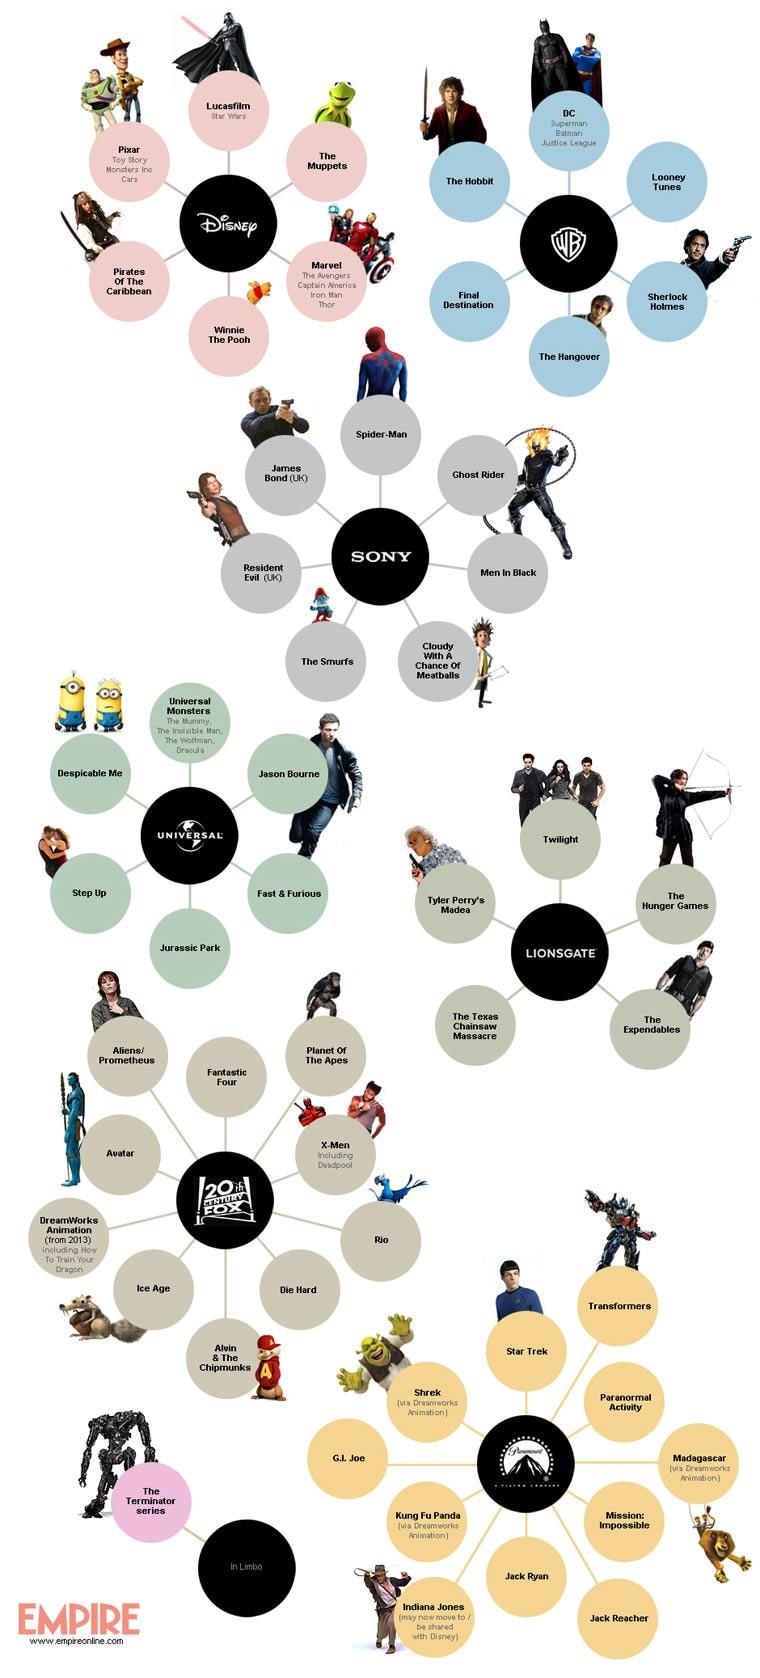 Infografik: die größten Filmreihen nach Verleih gruppiert